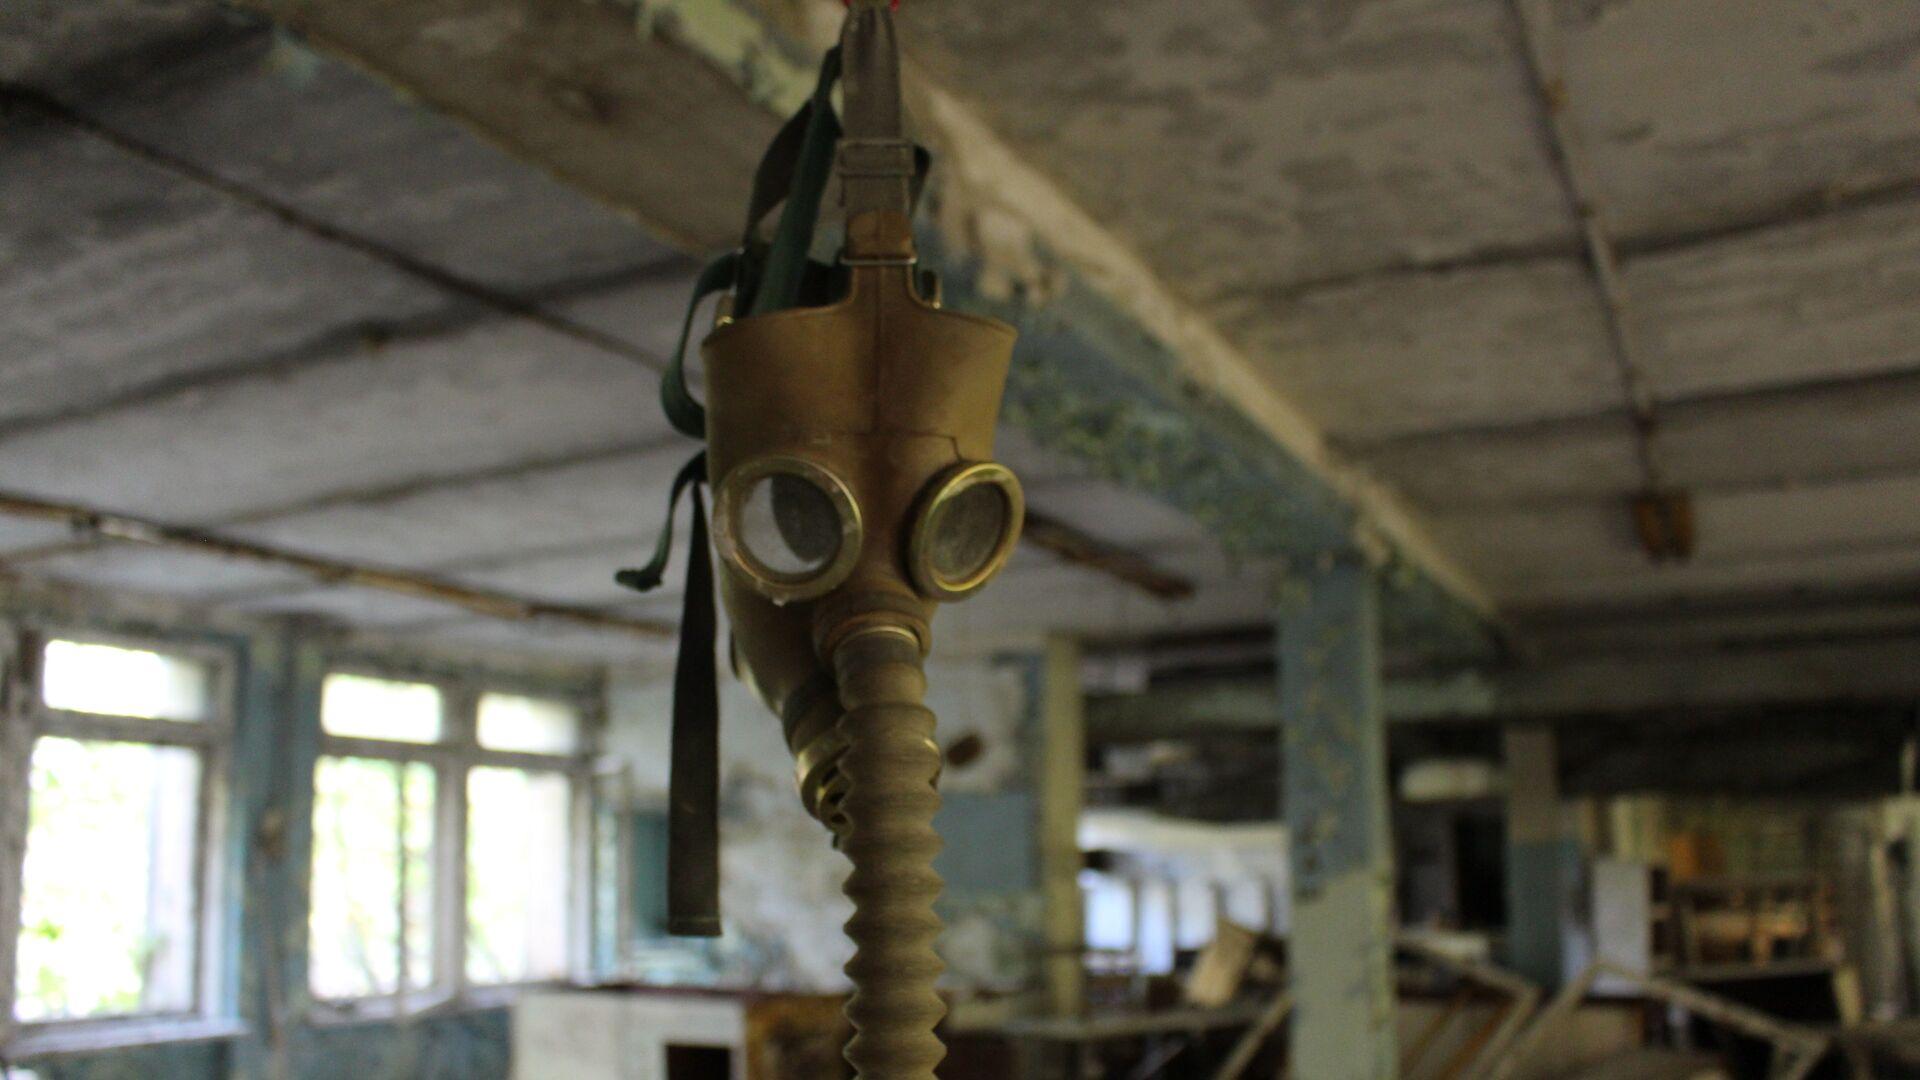 Máscara antigás en Chernóbil - Sputnik Mundo, 1920, 12.06.2019